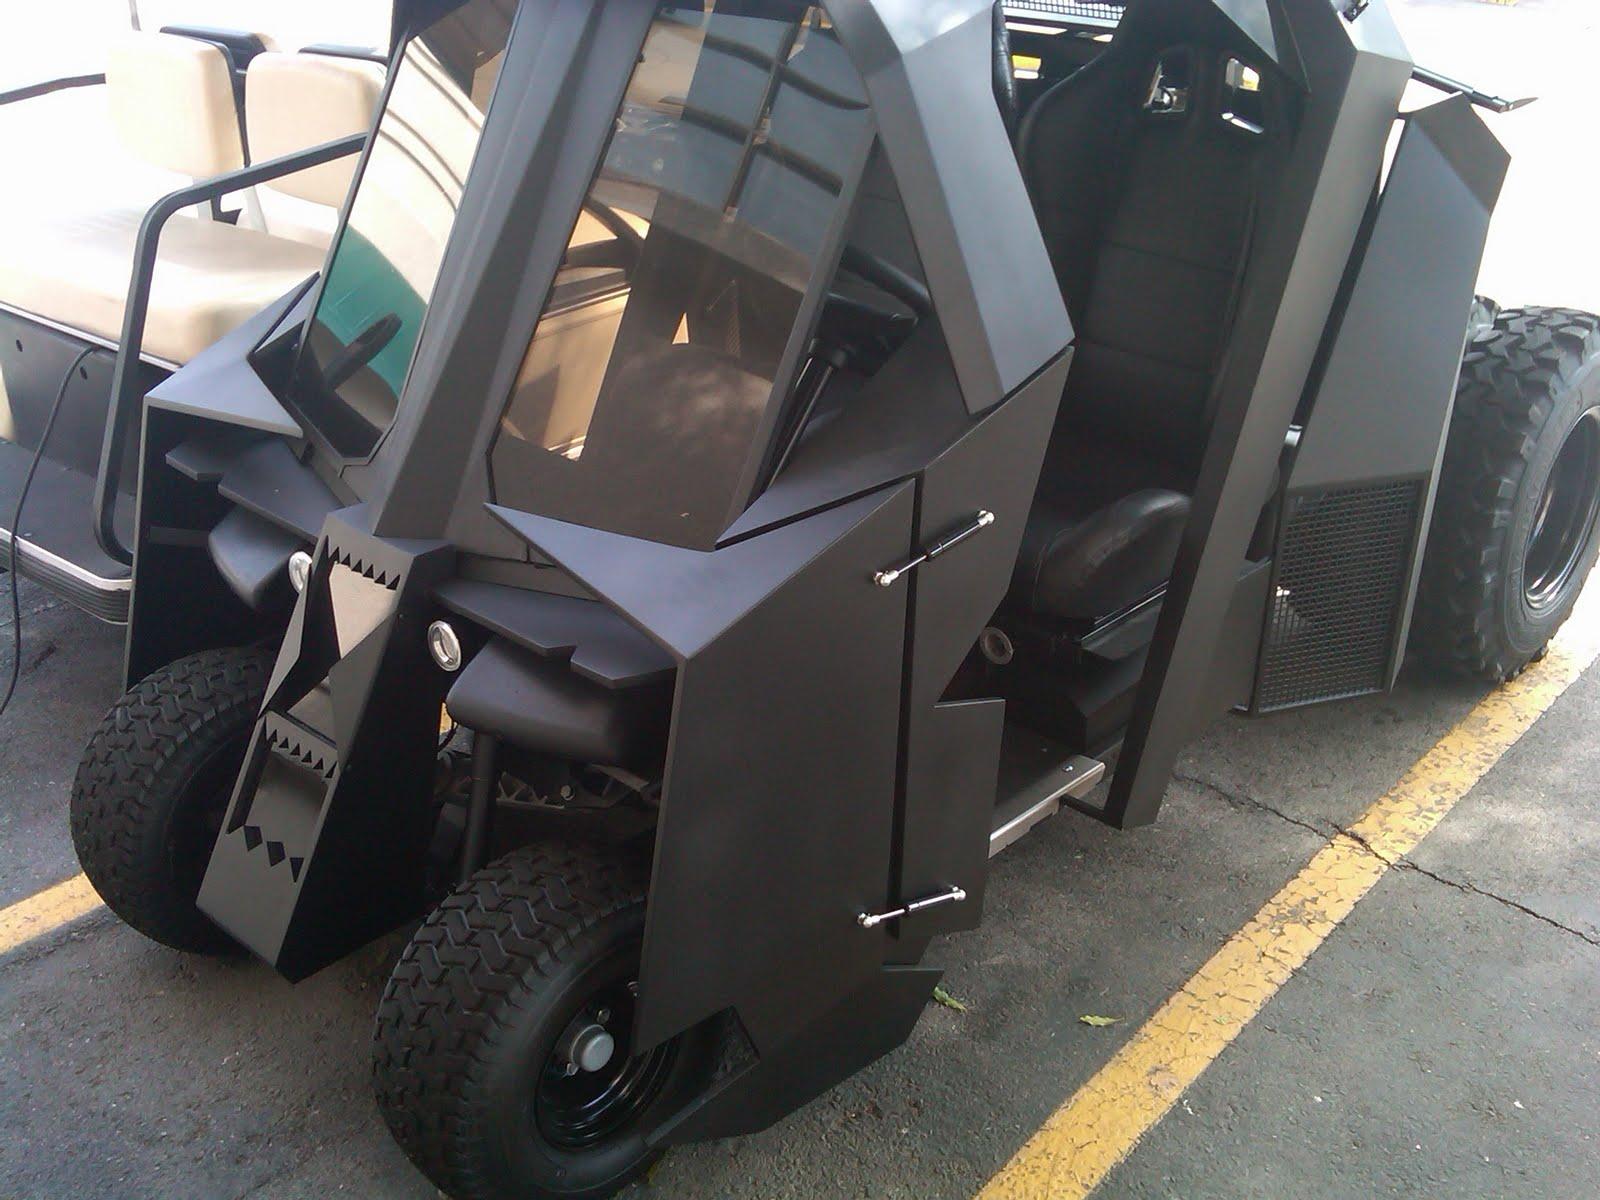 Christopher Nolan Finds Batman Golf Cart Batmobile